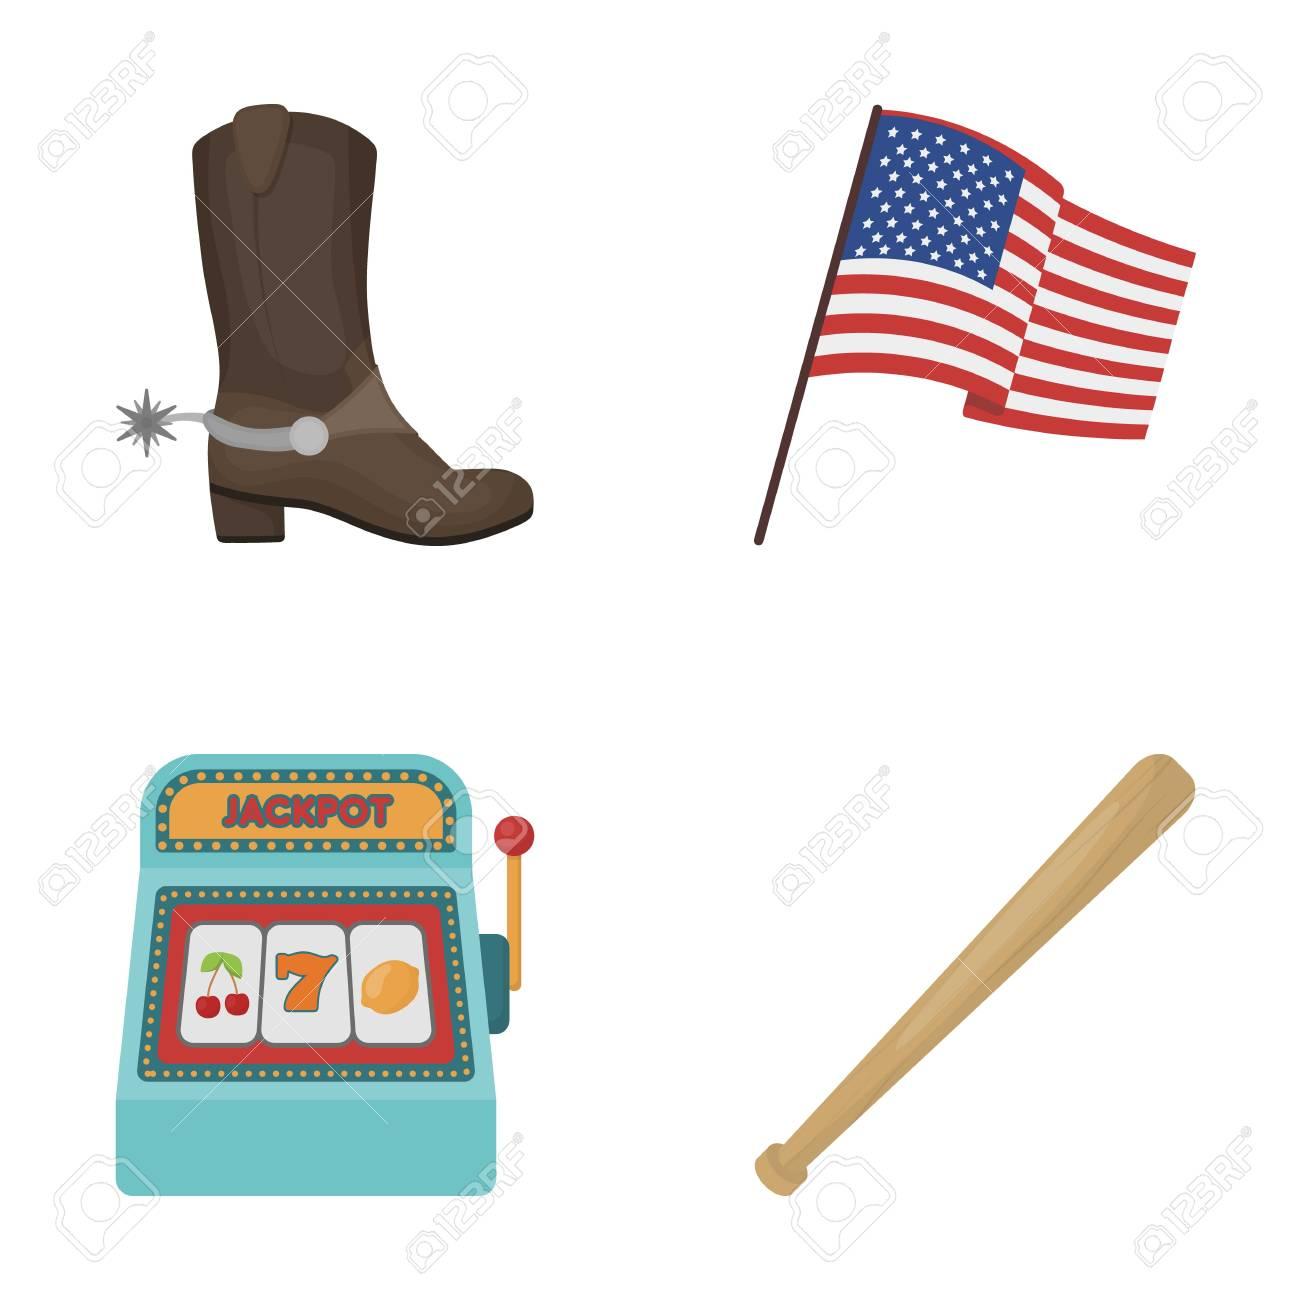 e15e498f7e2 Cowboy boots, national flag, slot machine, baseball bat. USA..